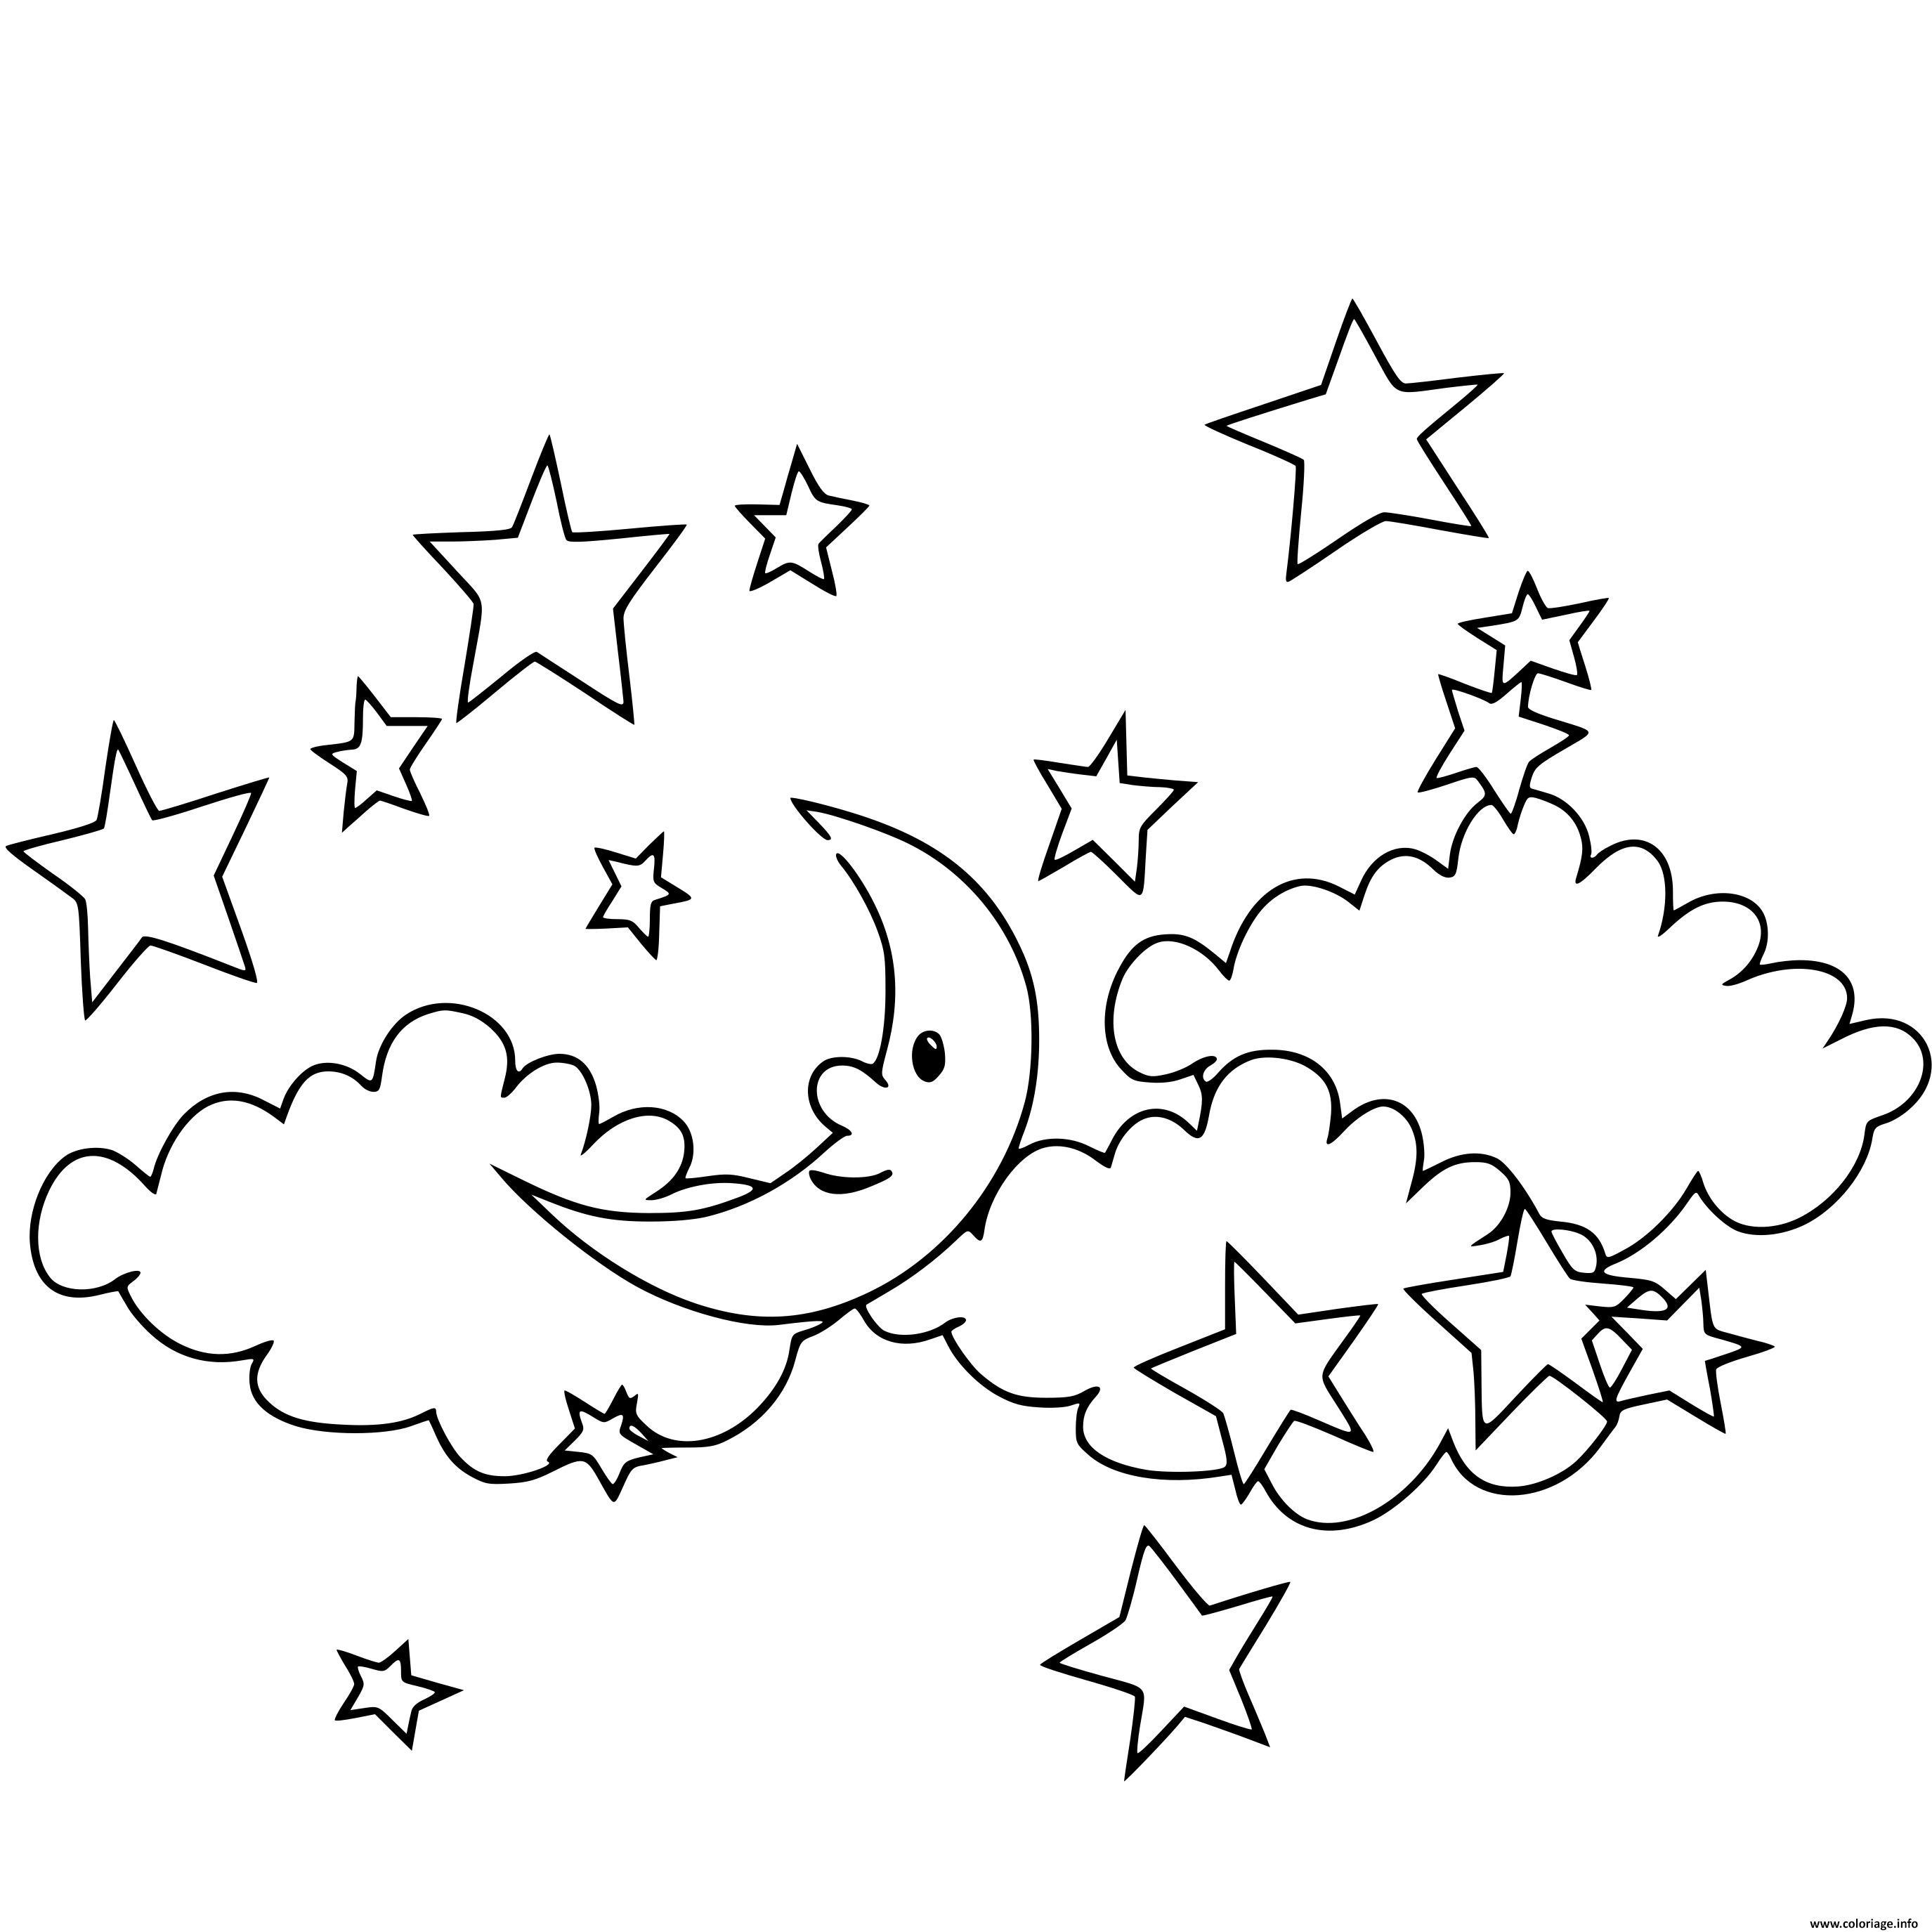 Dessin etoiles dans le ciel Coloriage Gratuit à Imprimer